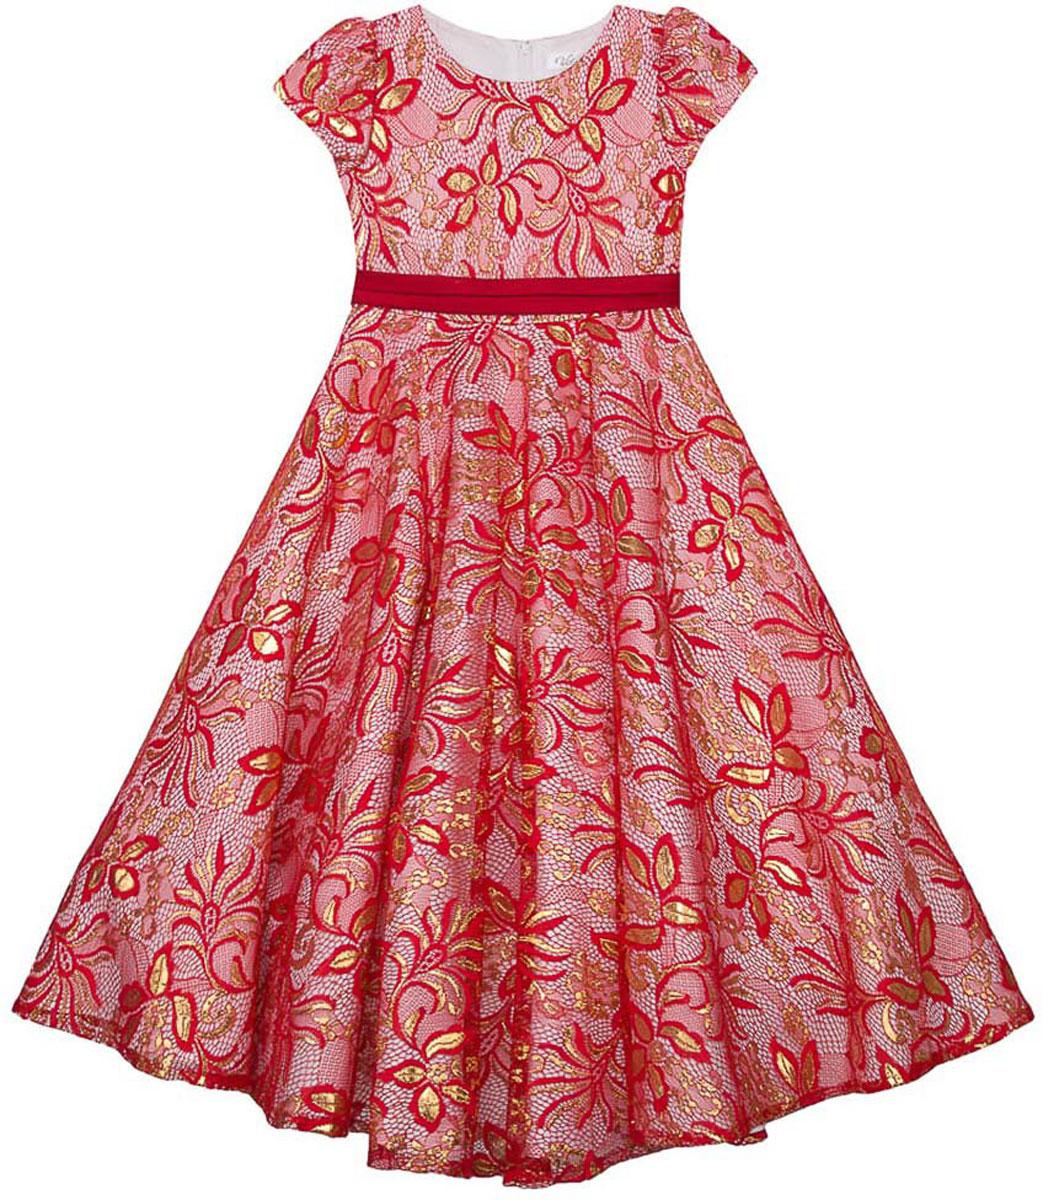 Платье для девочки Vitacci, цвет: красный. 2171392-05. Размер 1522171392-05Стильное платье Vitacci идеально подойдет вашей дочурке. Платье выполнено из полиэстера с подкладкой из хлопка. Удлиненное платье с короткими рукавами и круглым вырезом горловины дополнено эффектным принтом. Модель застегивается на молнию, расположенную на спинке.